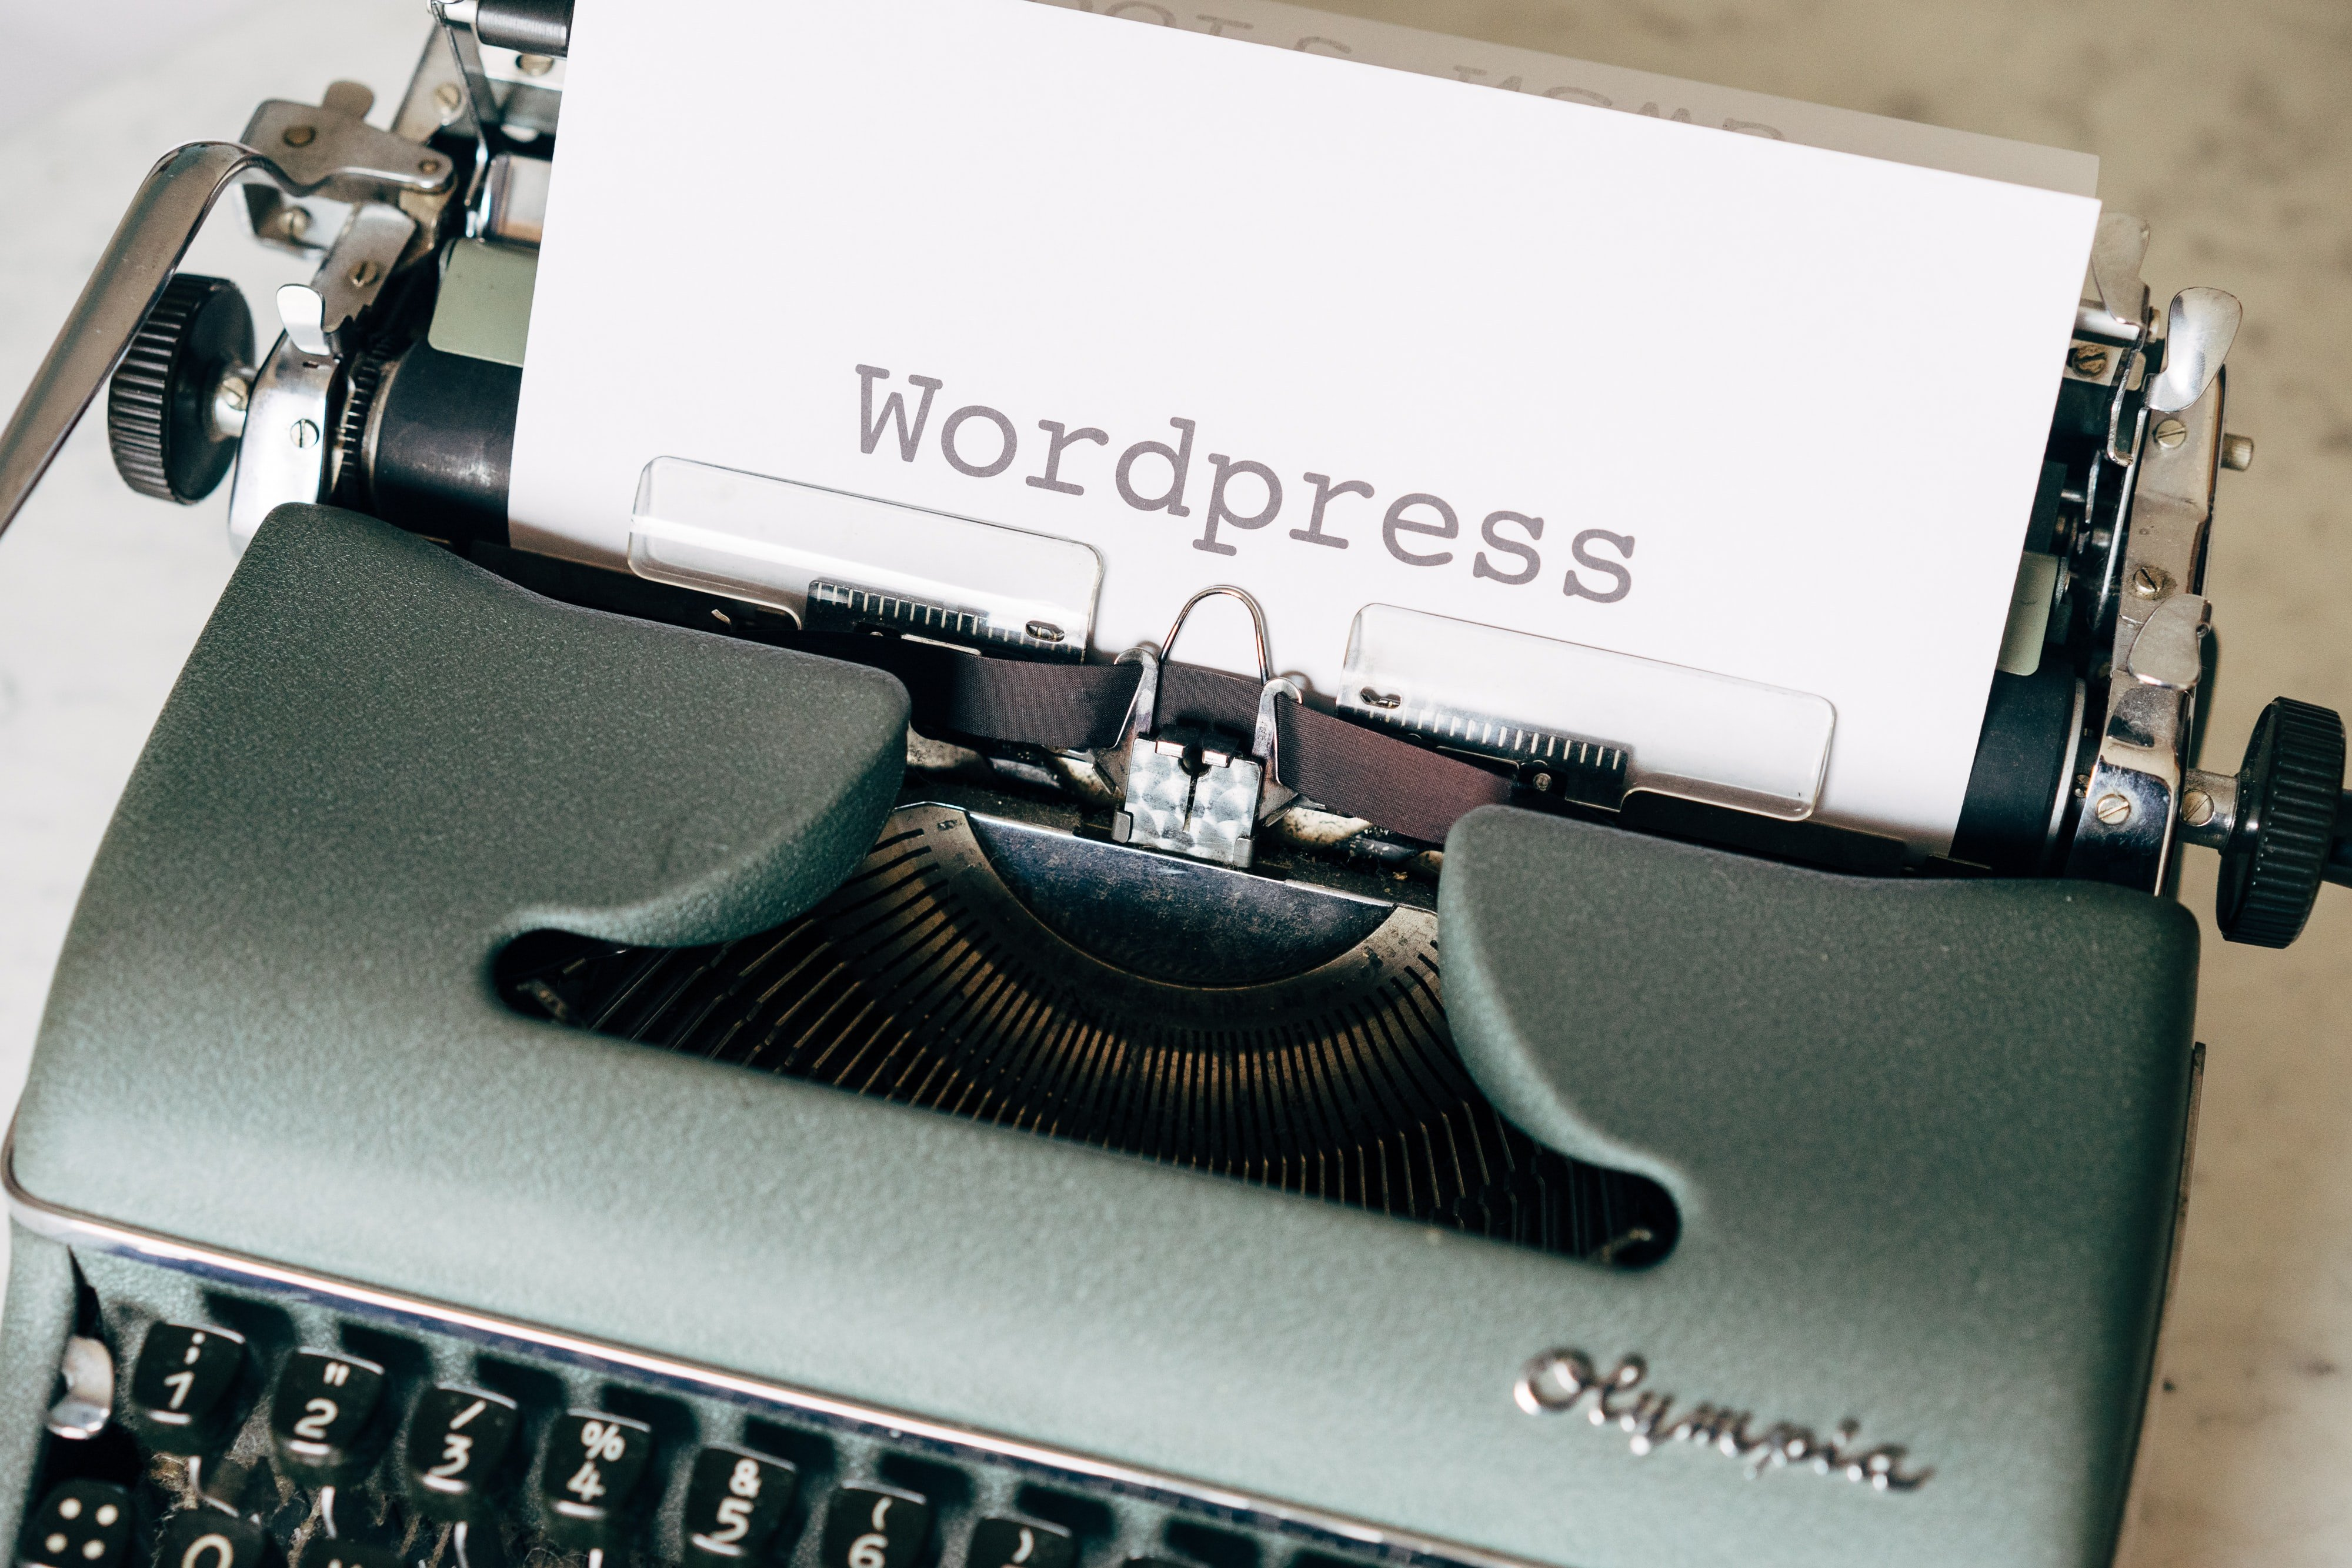 Schreibmaschine mit Wordpress